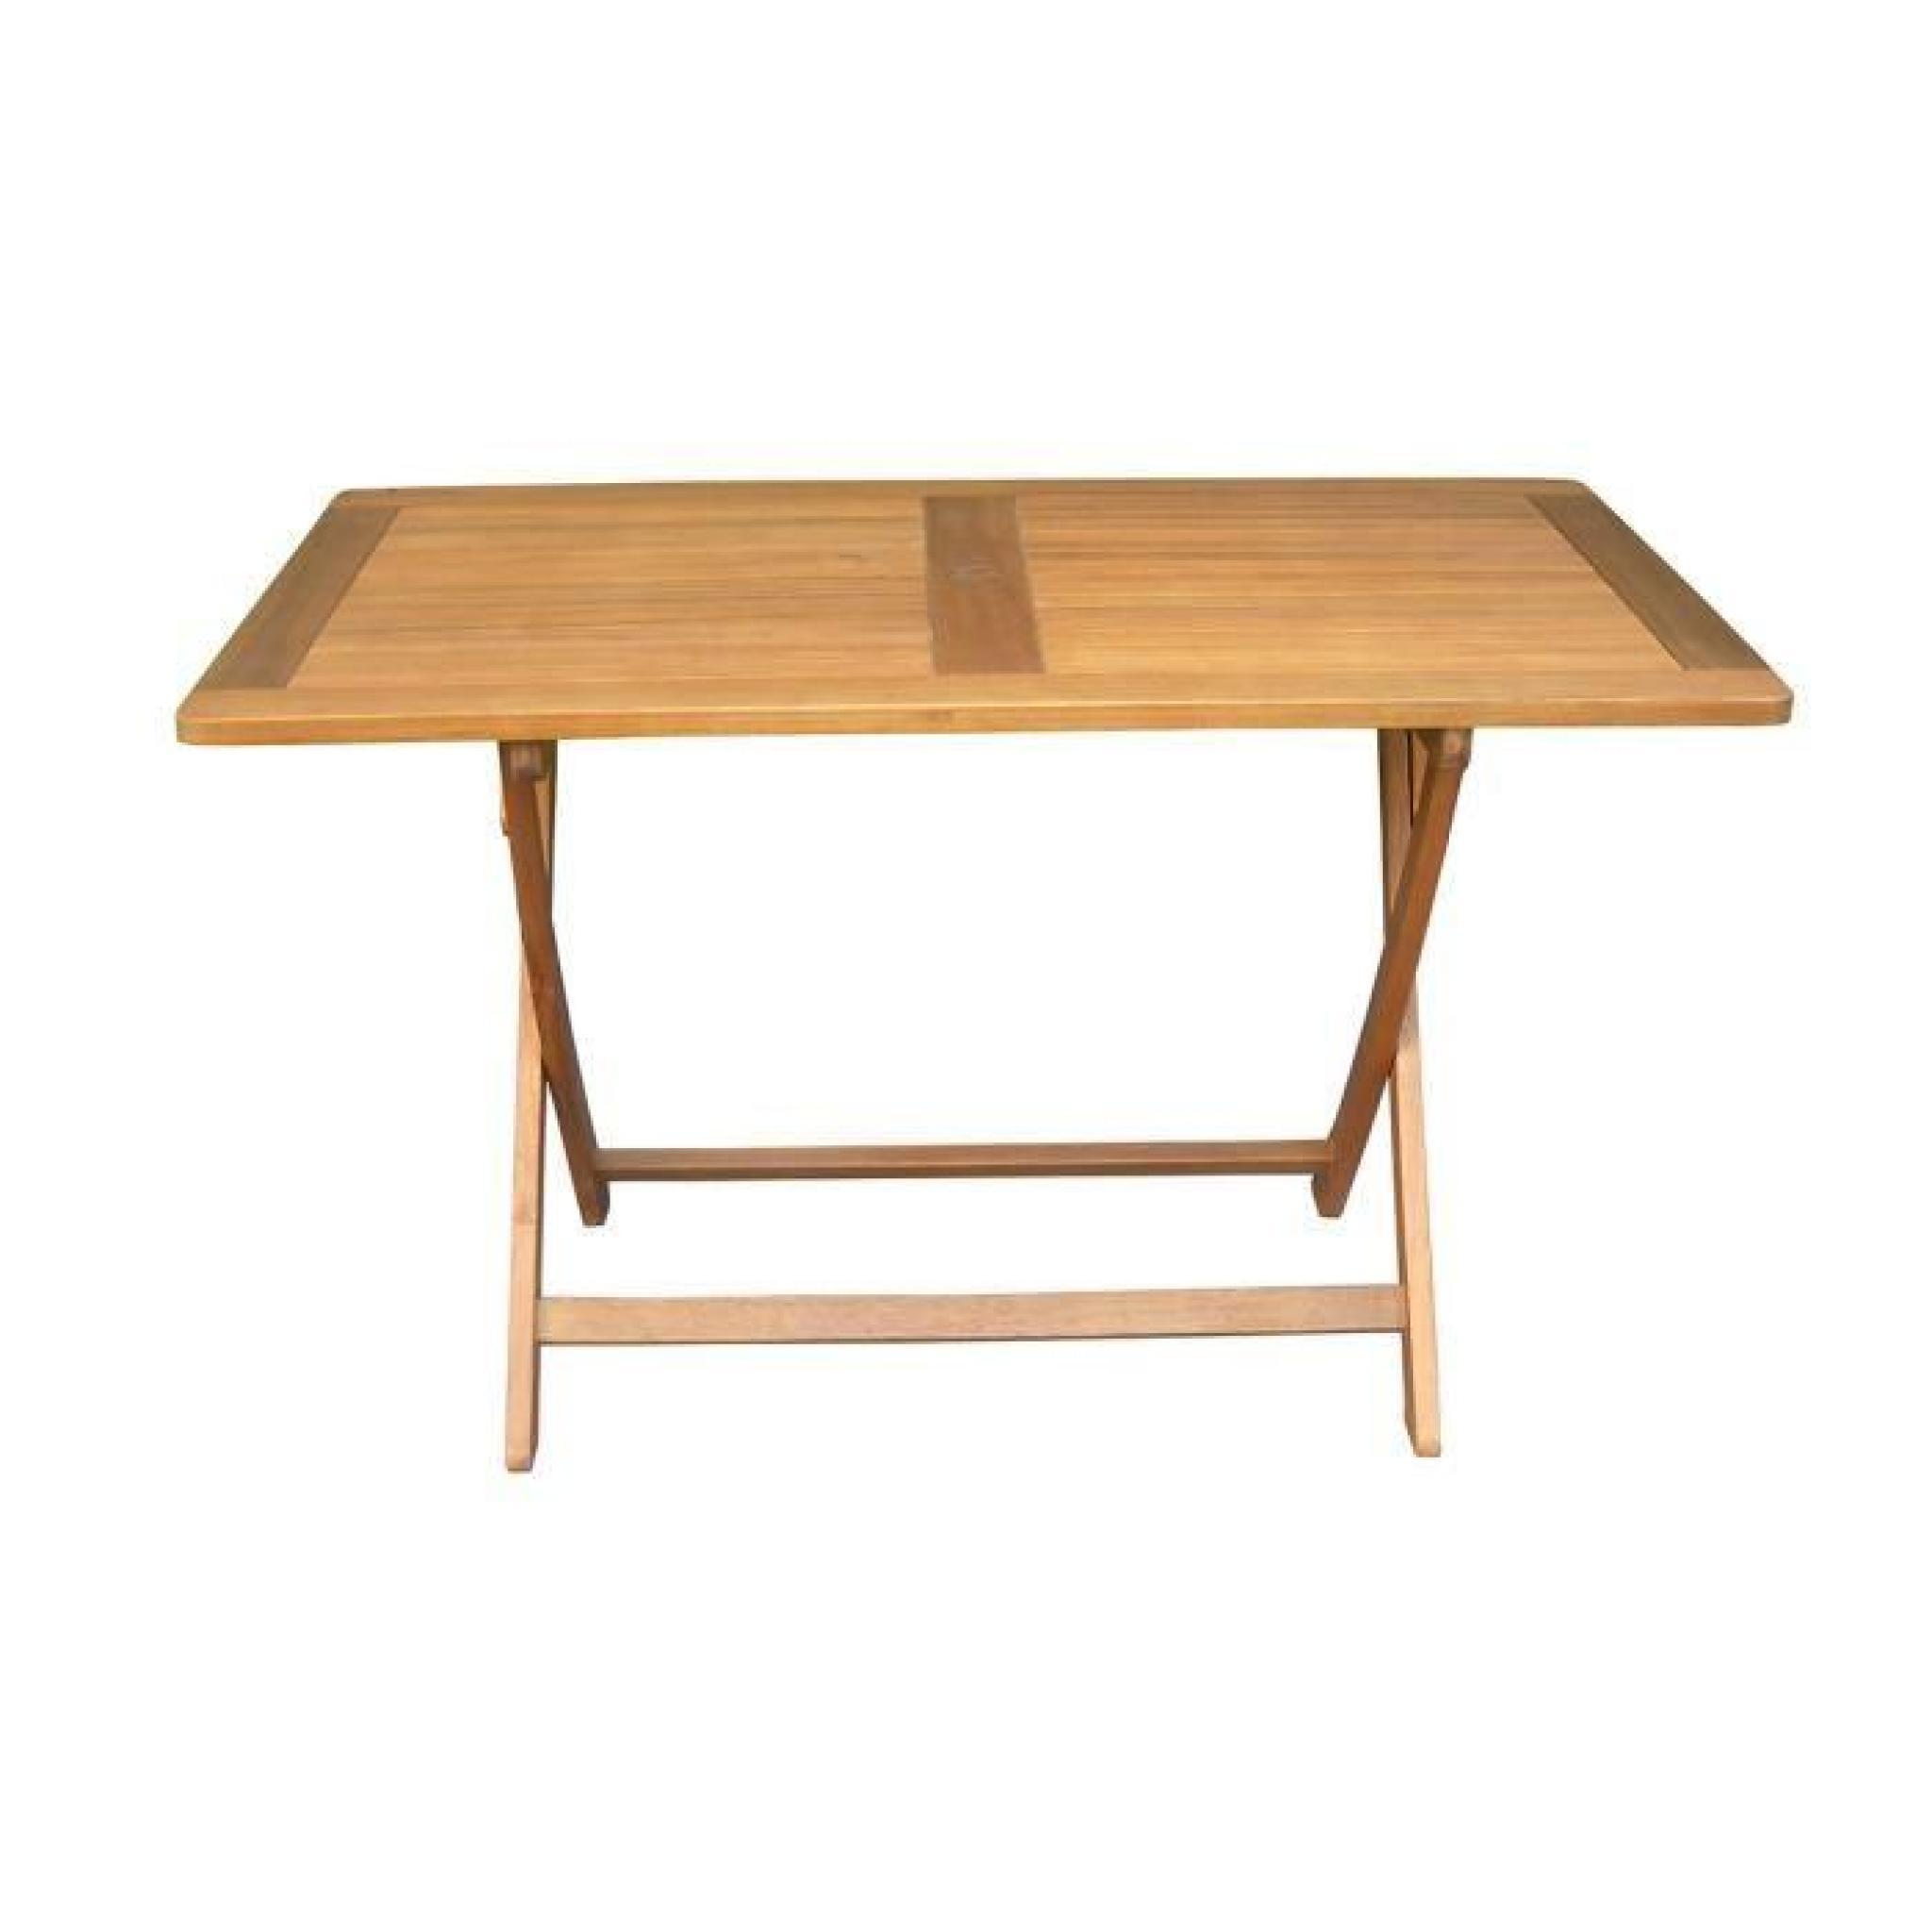 Table de jardin pliante forme rectangulaire en bois exotique - Dim ...